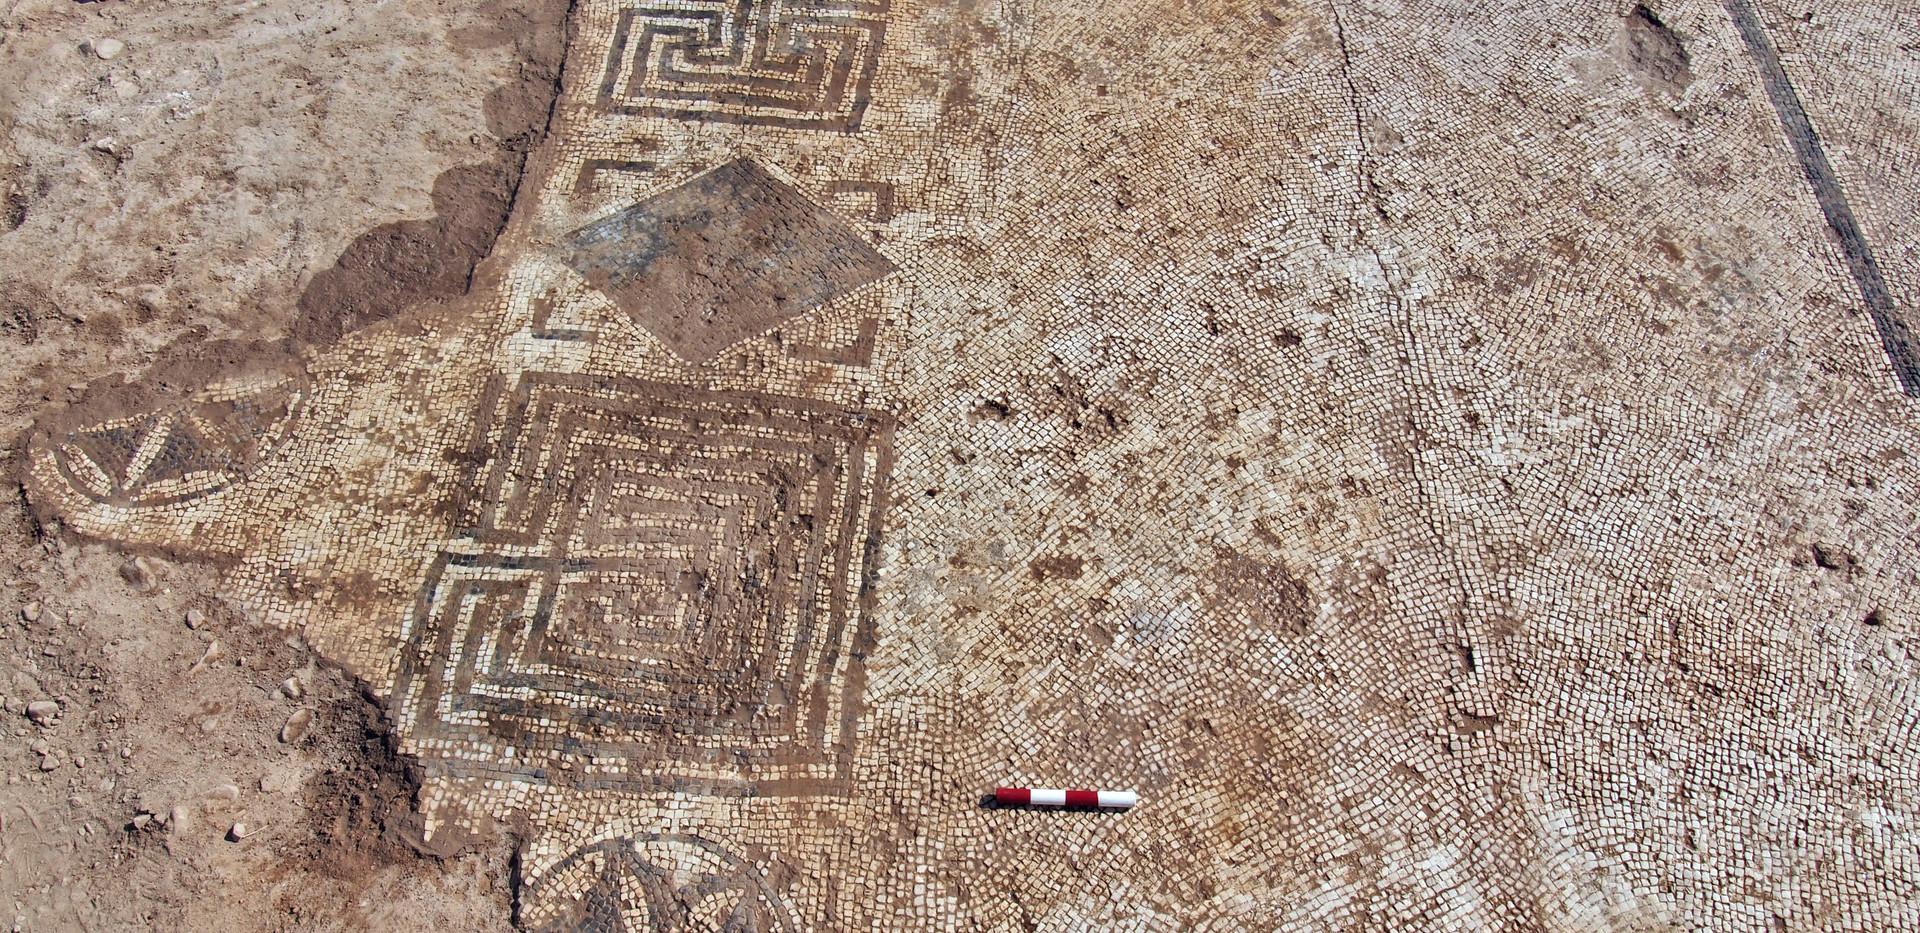 רצפות פסיפס מסביב לברכה רבועה (1).jpg